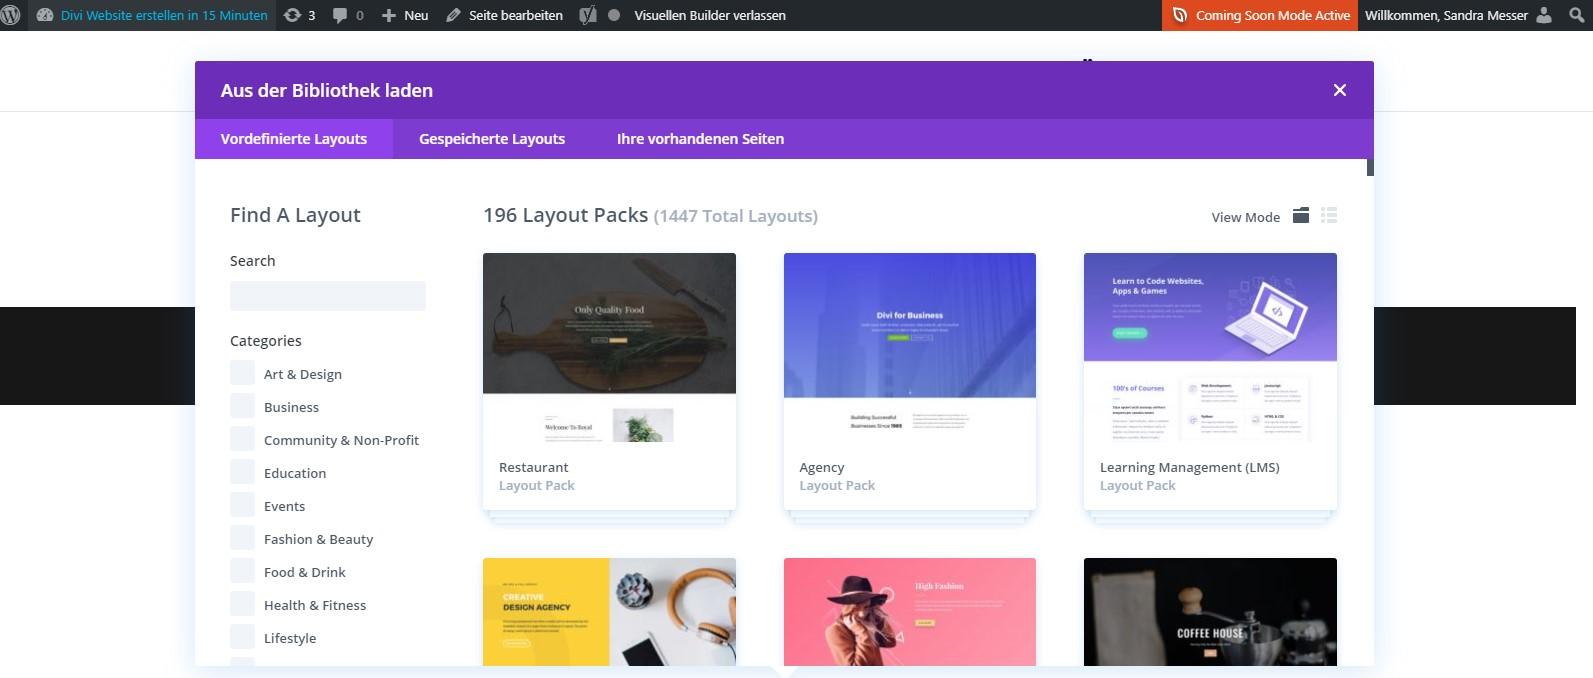 Divi Website erstellen - Divi Bibliothek